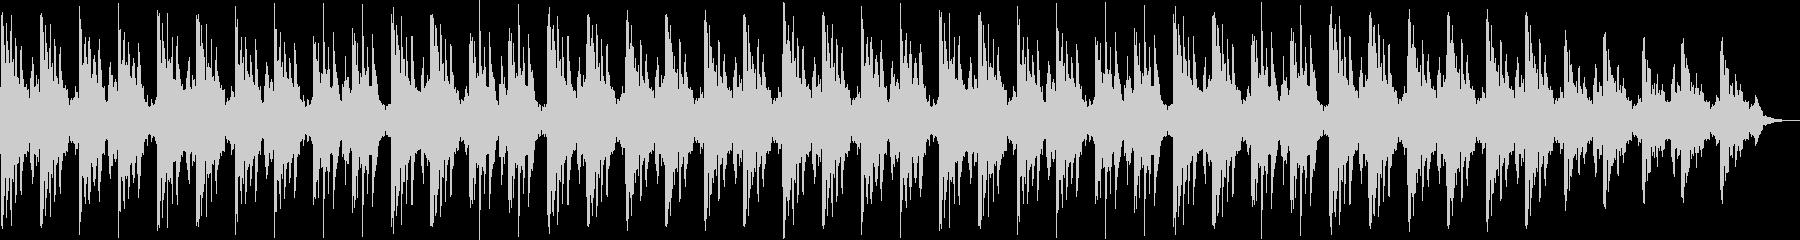 切ない印象シンセサイザーサウンドの未再生の波形